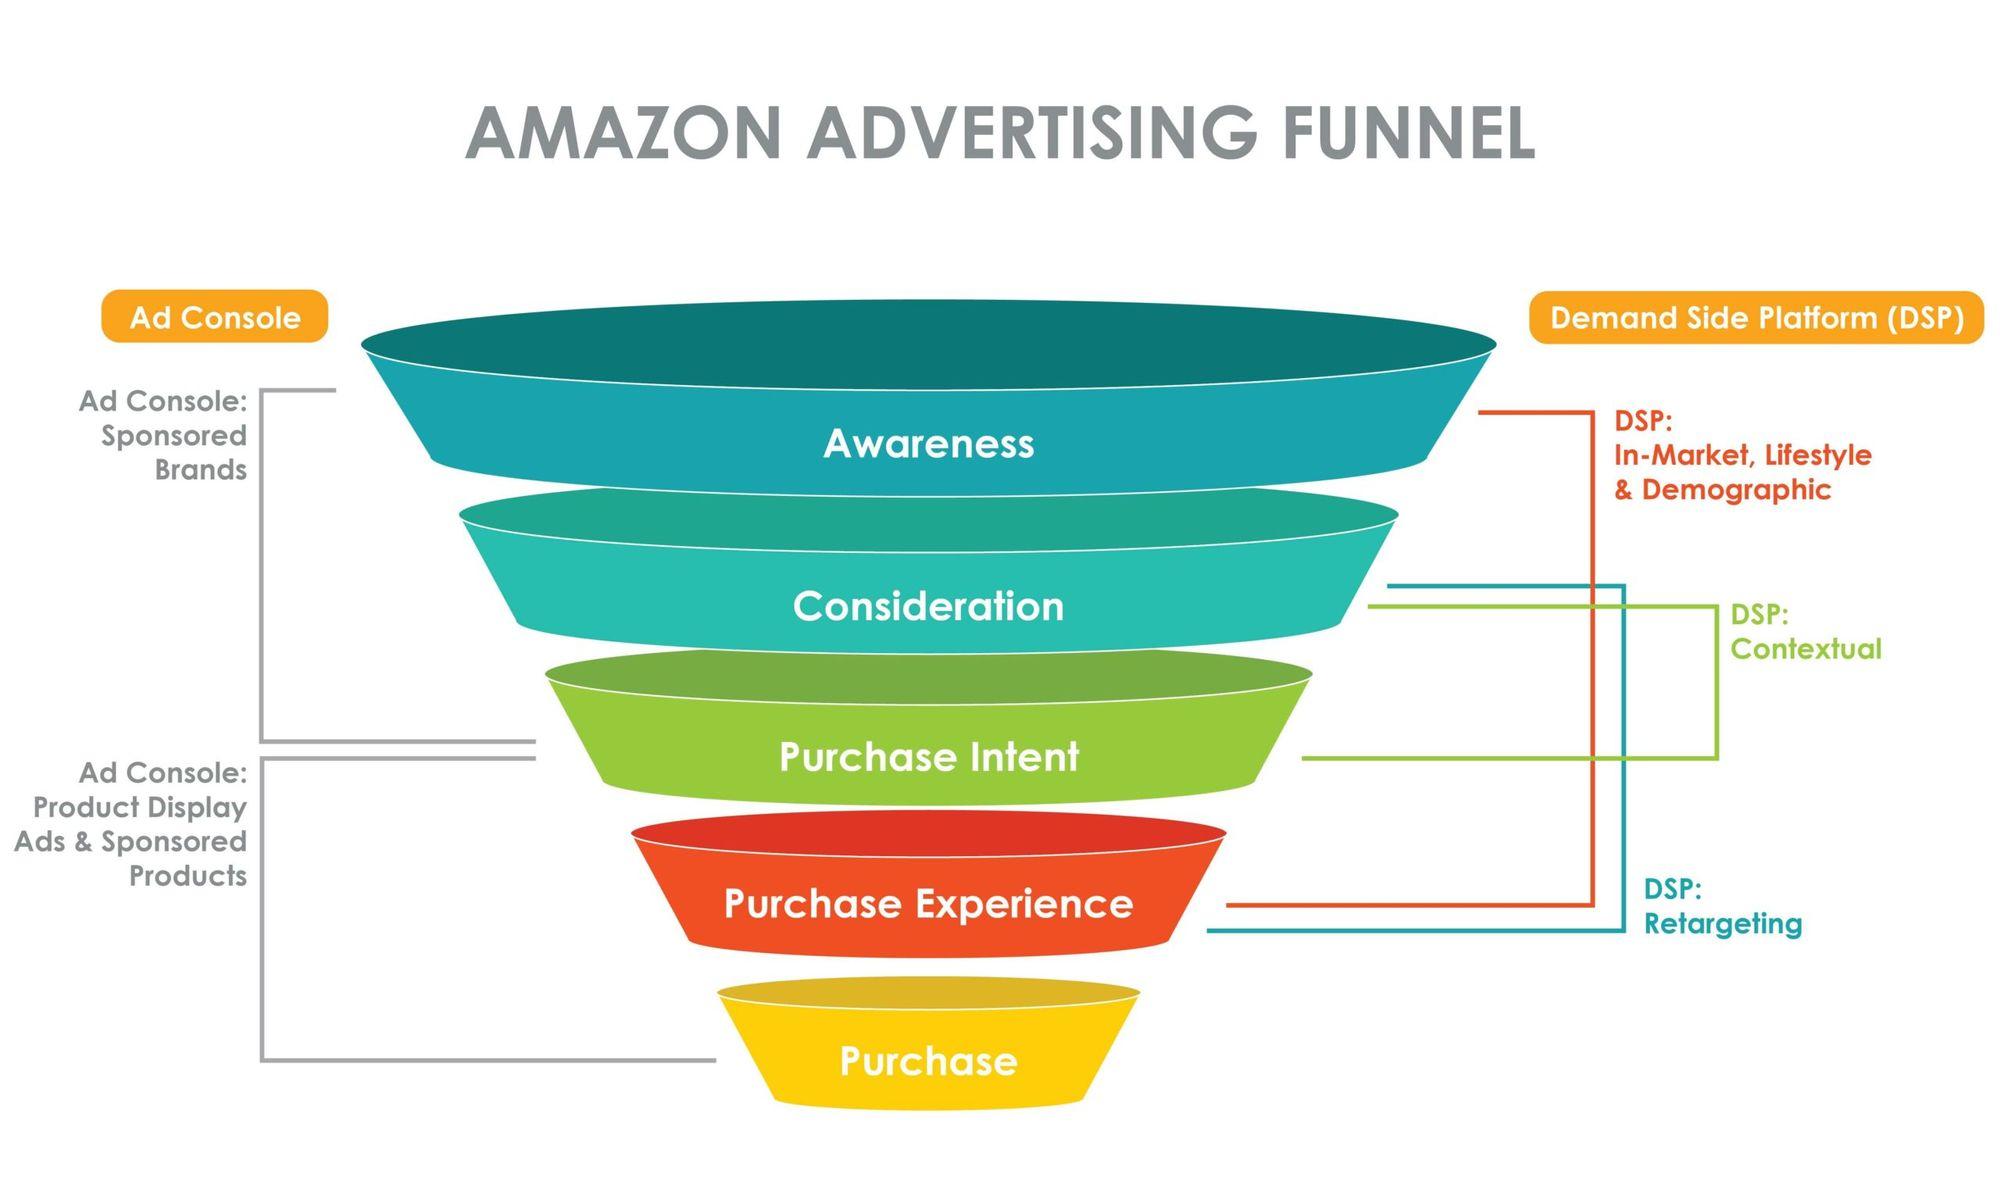 Etat de la publicité sur Amazon Demand Side Platform (DSP)